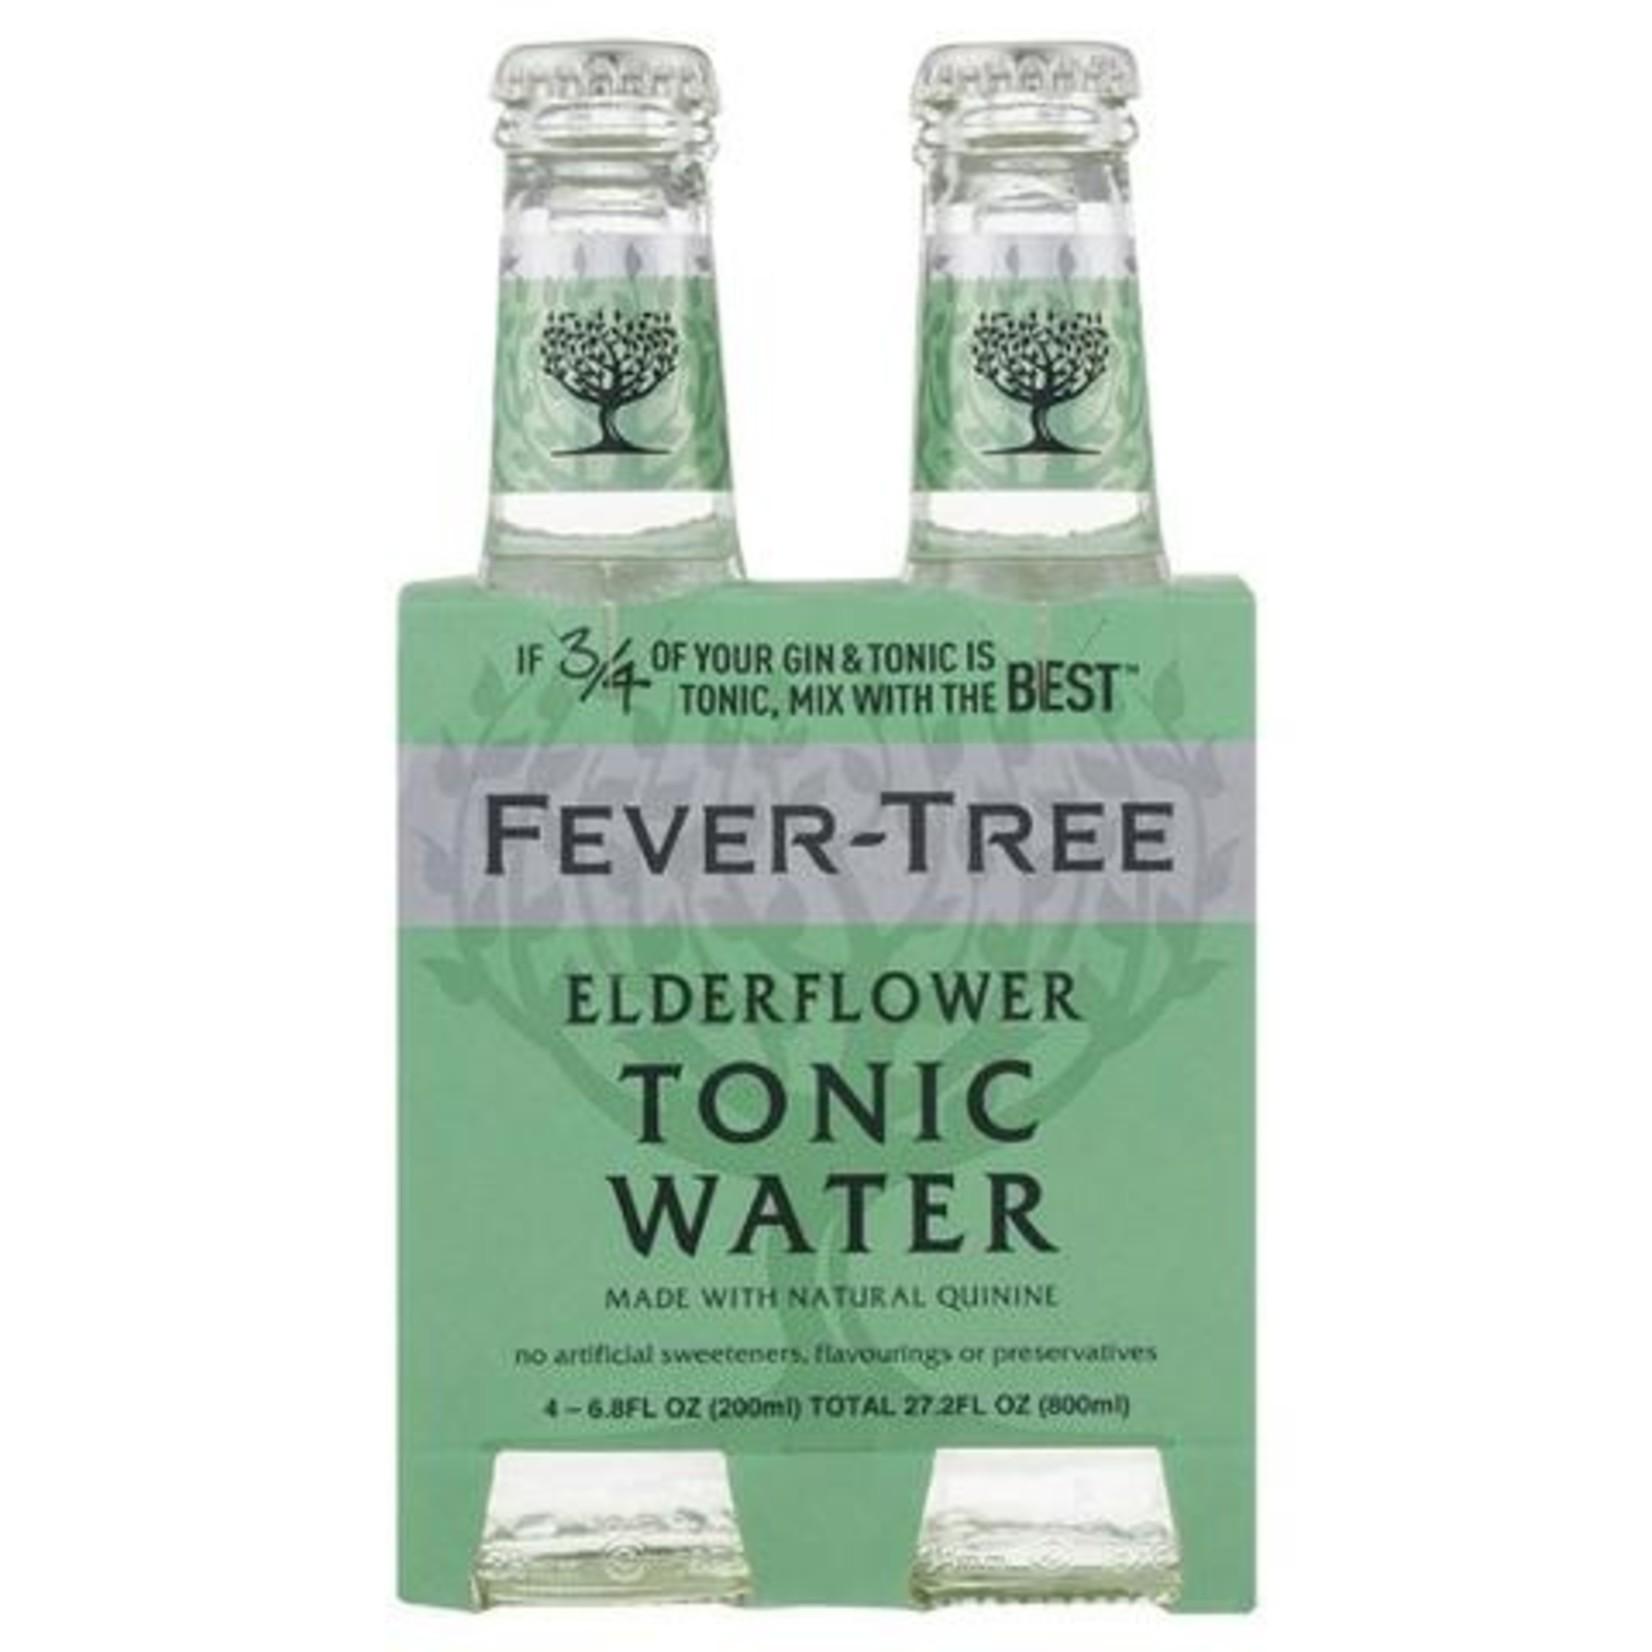 Fever-Tree Fever-Tree  Elderflower Tonic Water